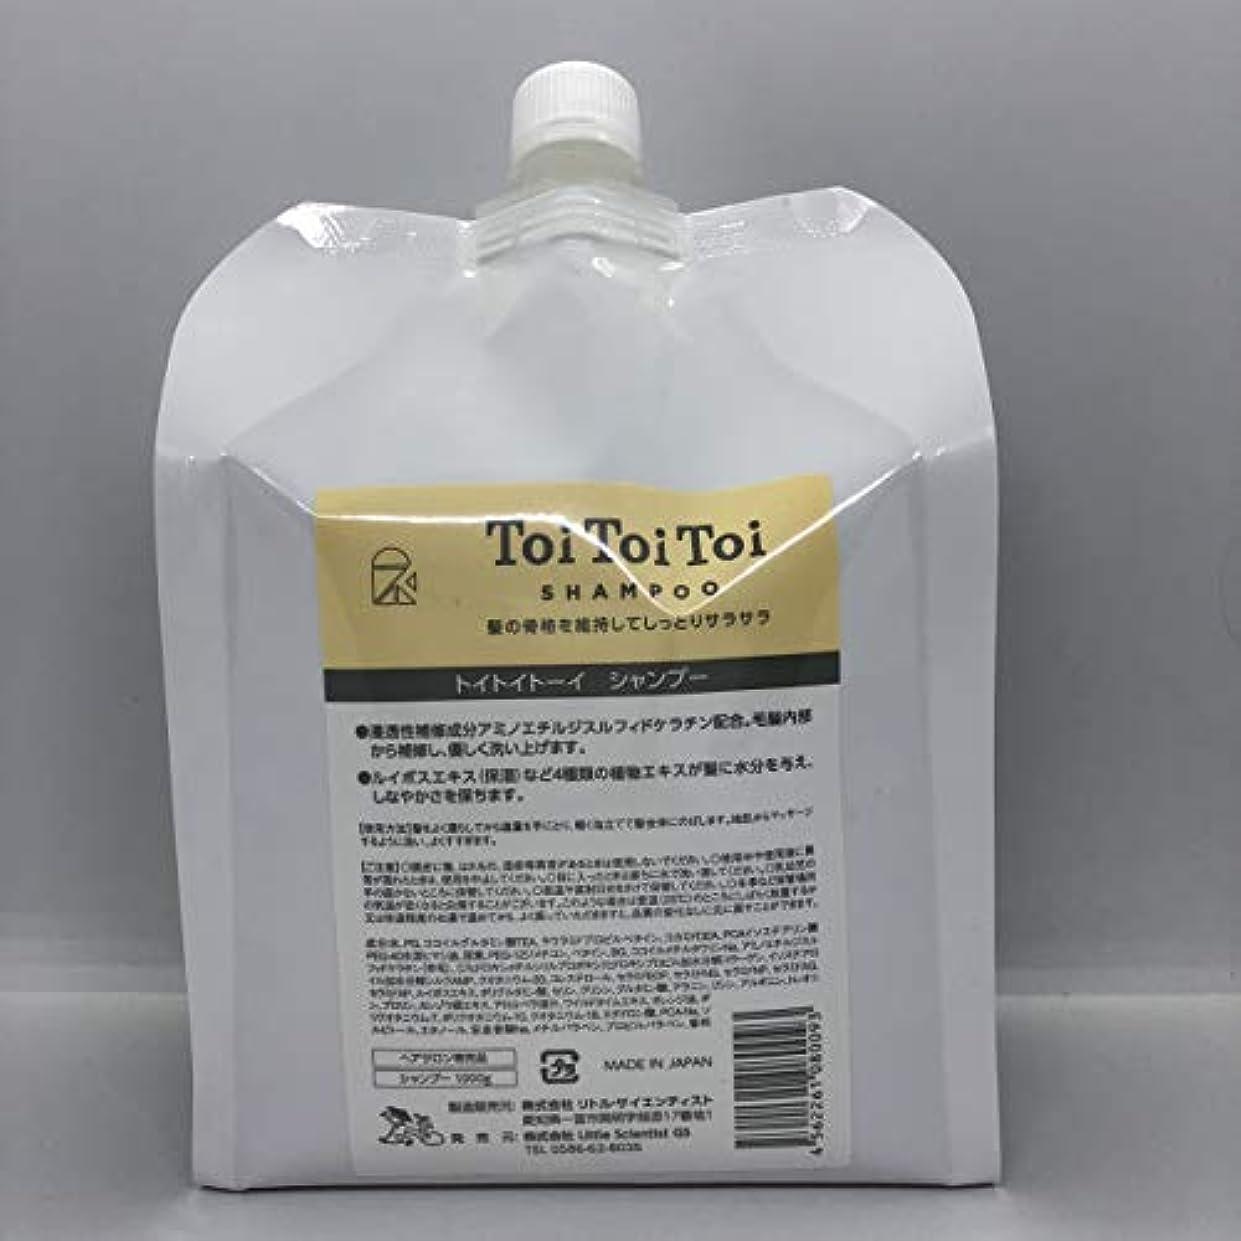 支出遮る海藻リトルサイエンティスト トイトイトーイ ToiToiToi シャンプー 1000ml レフィル